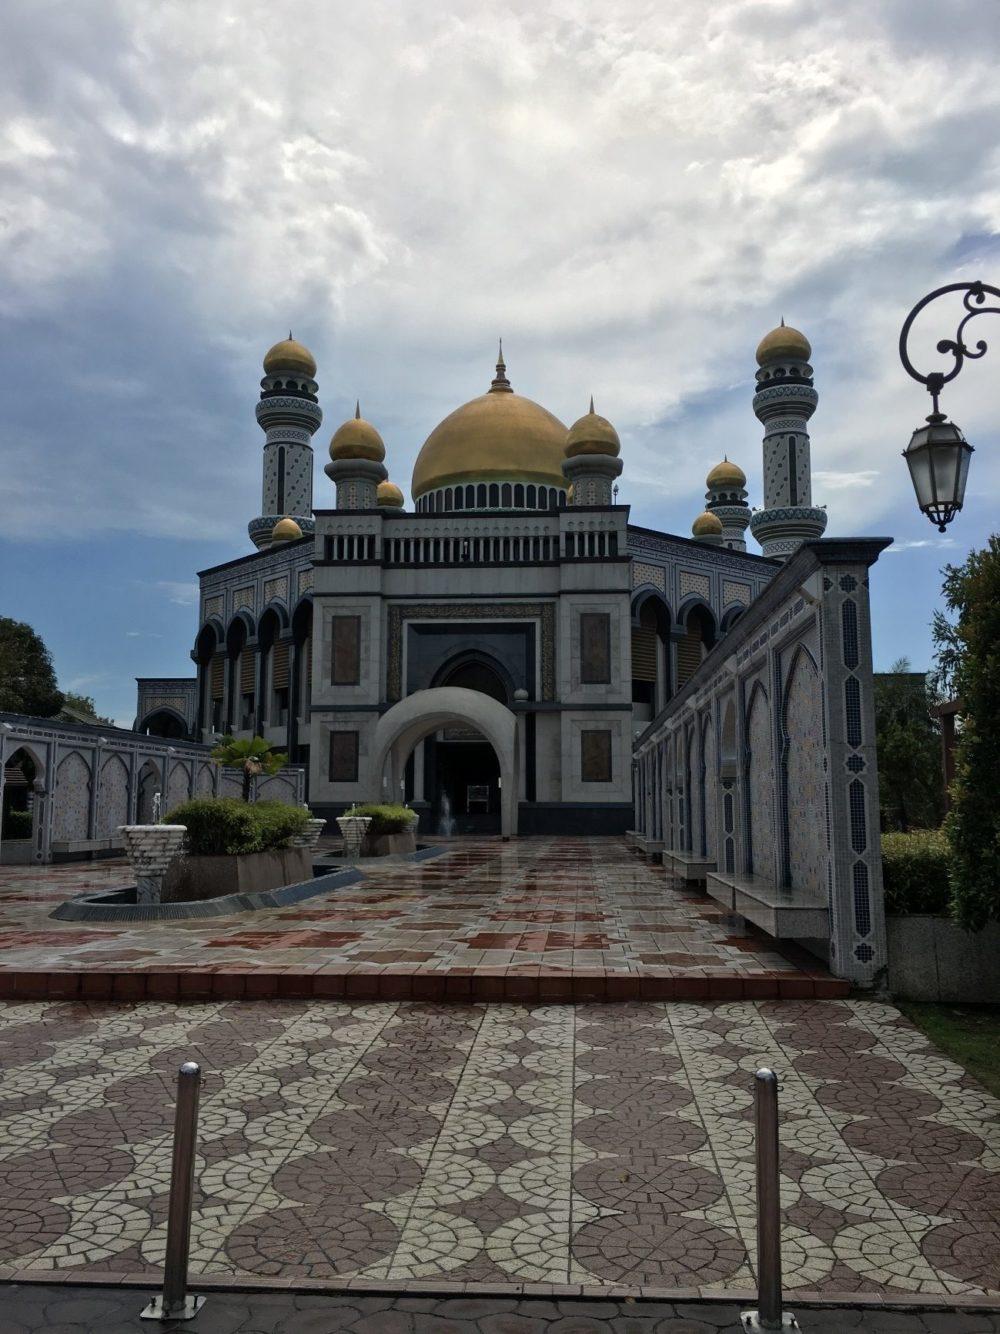 ブルネイ ニューモスク ジャメ・アスル・ハサナル・ボルキア・モスク